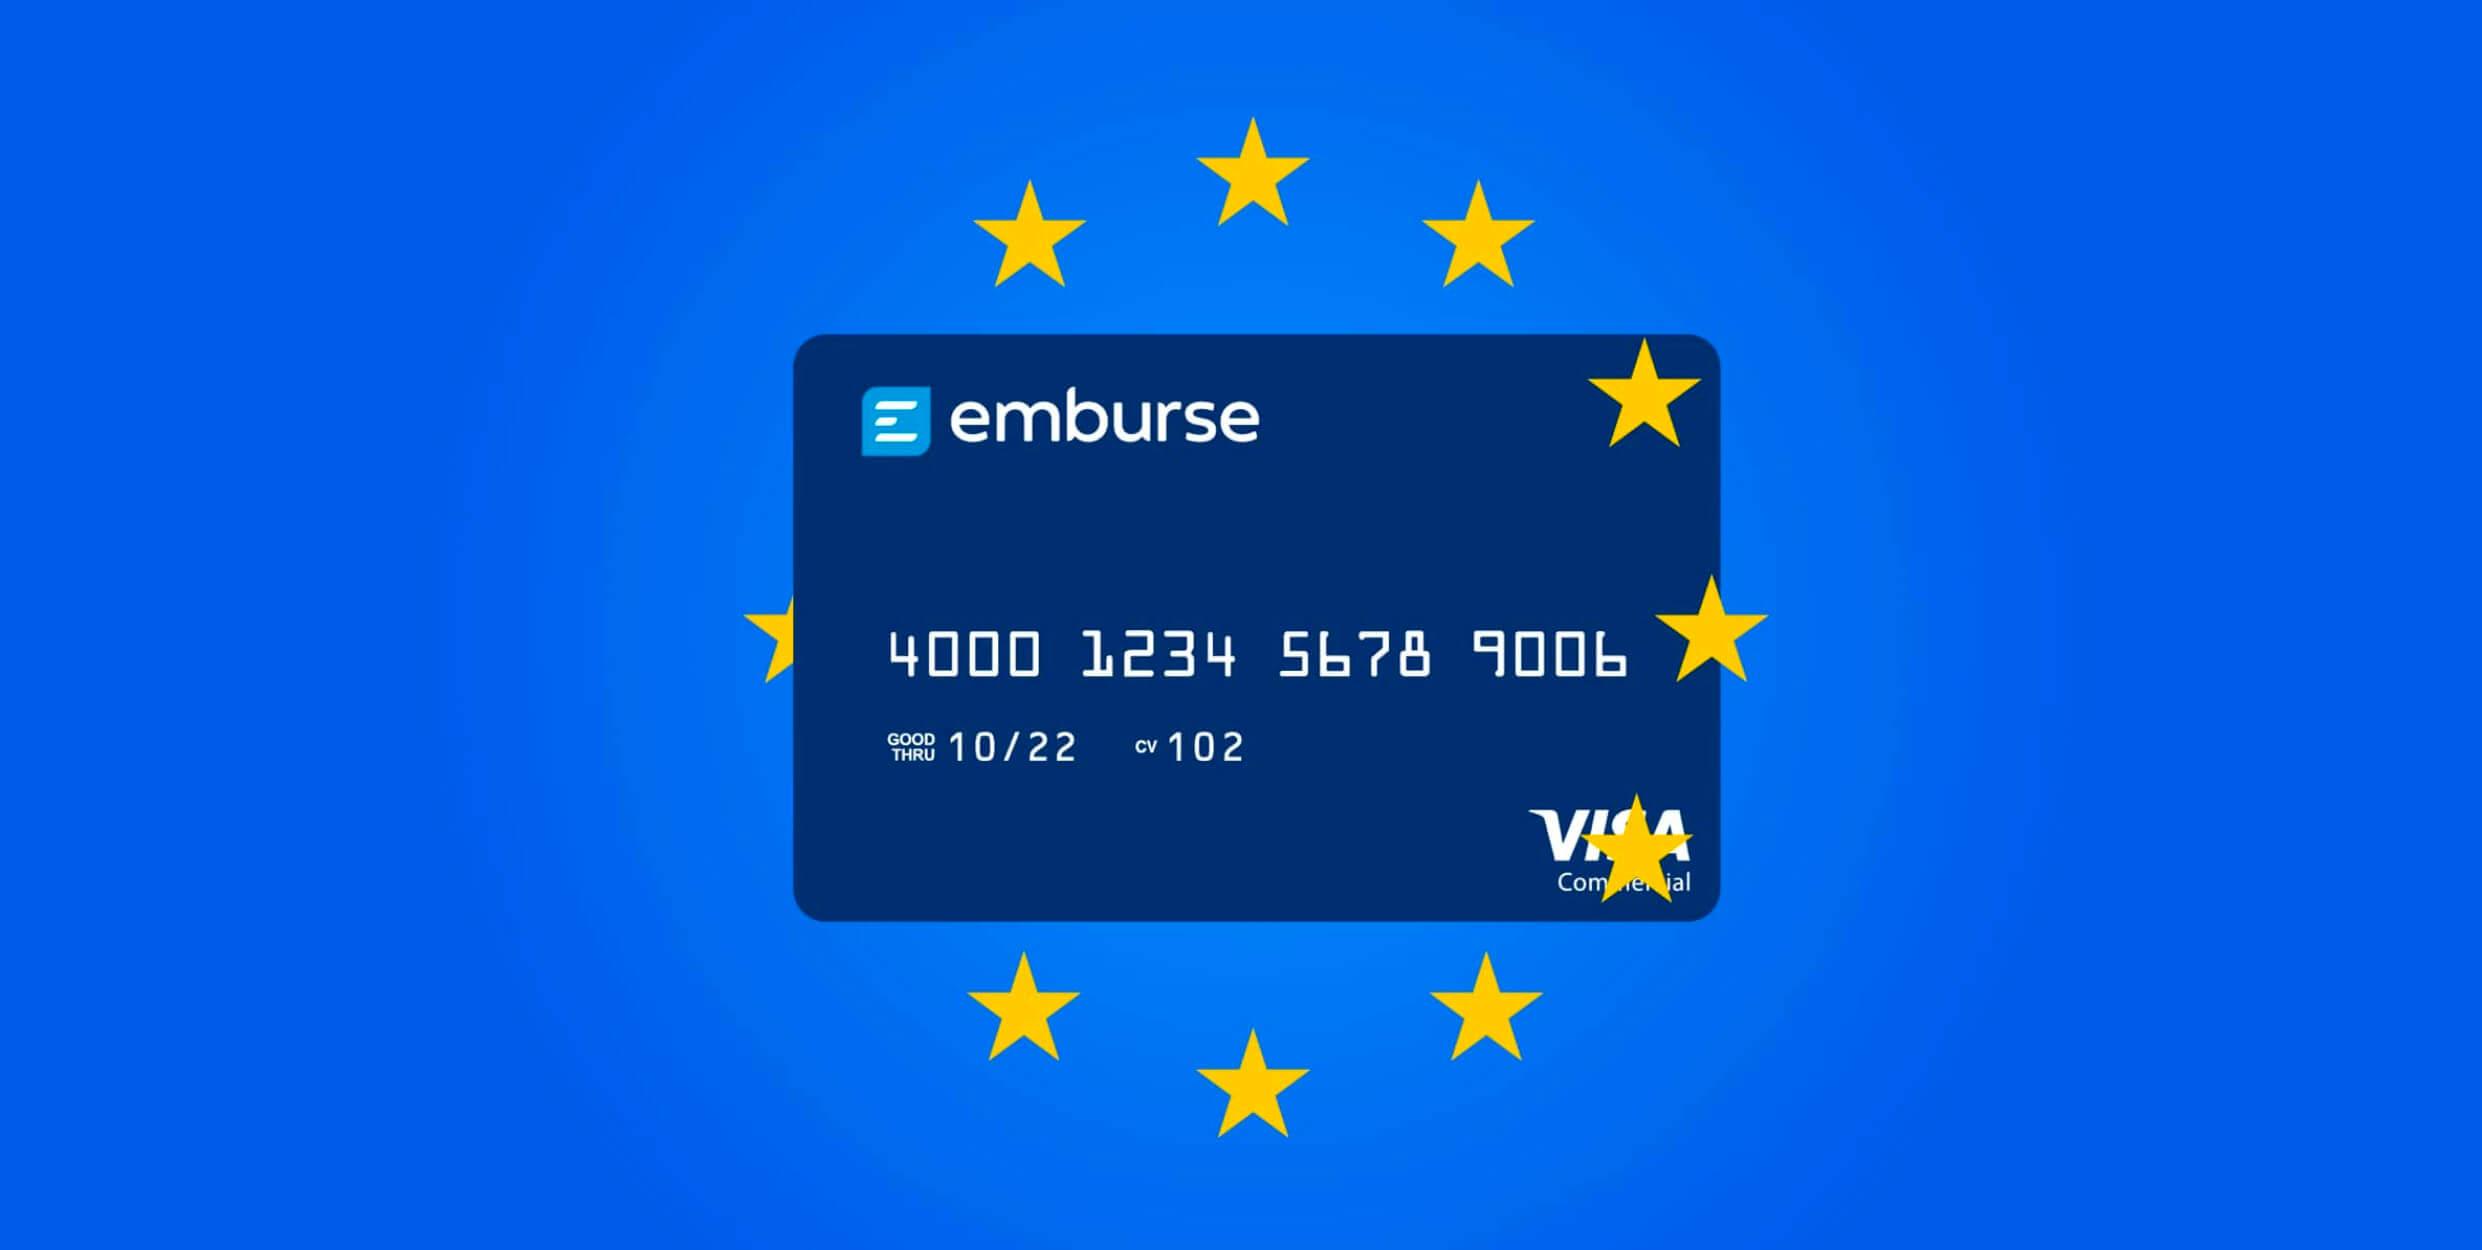 Captio lancia le Emburse Card sul mercato europeo: carte aziendali con controllo delle spese in tempo reale